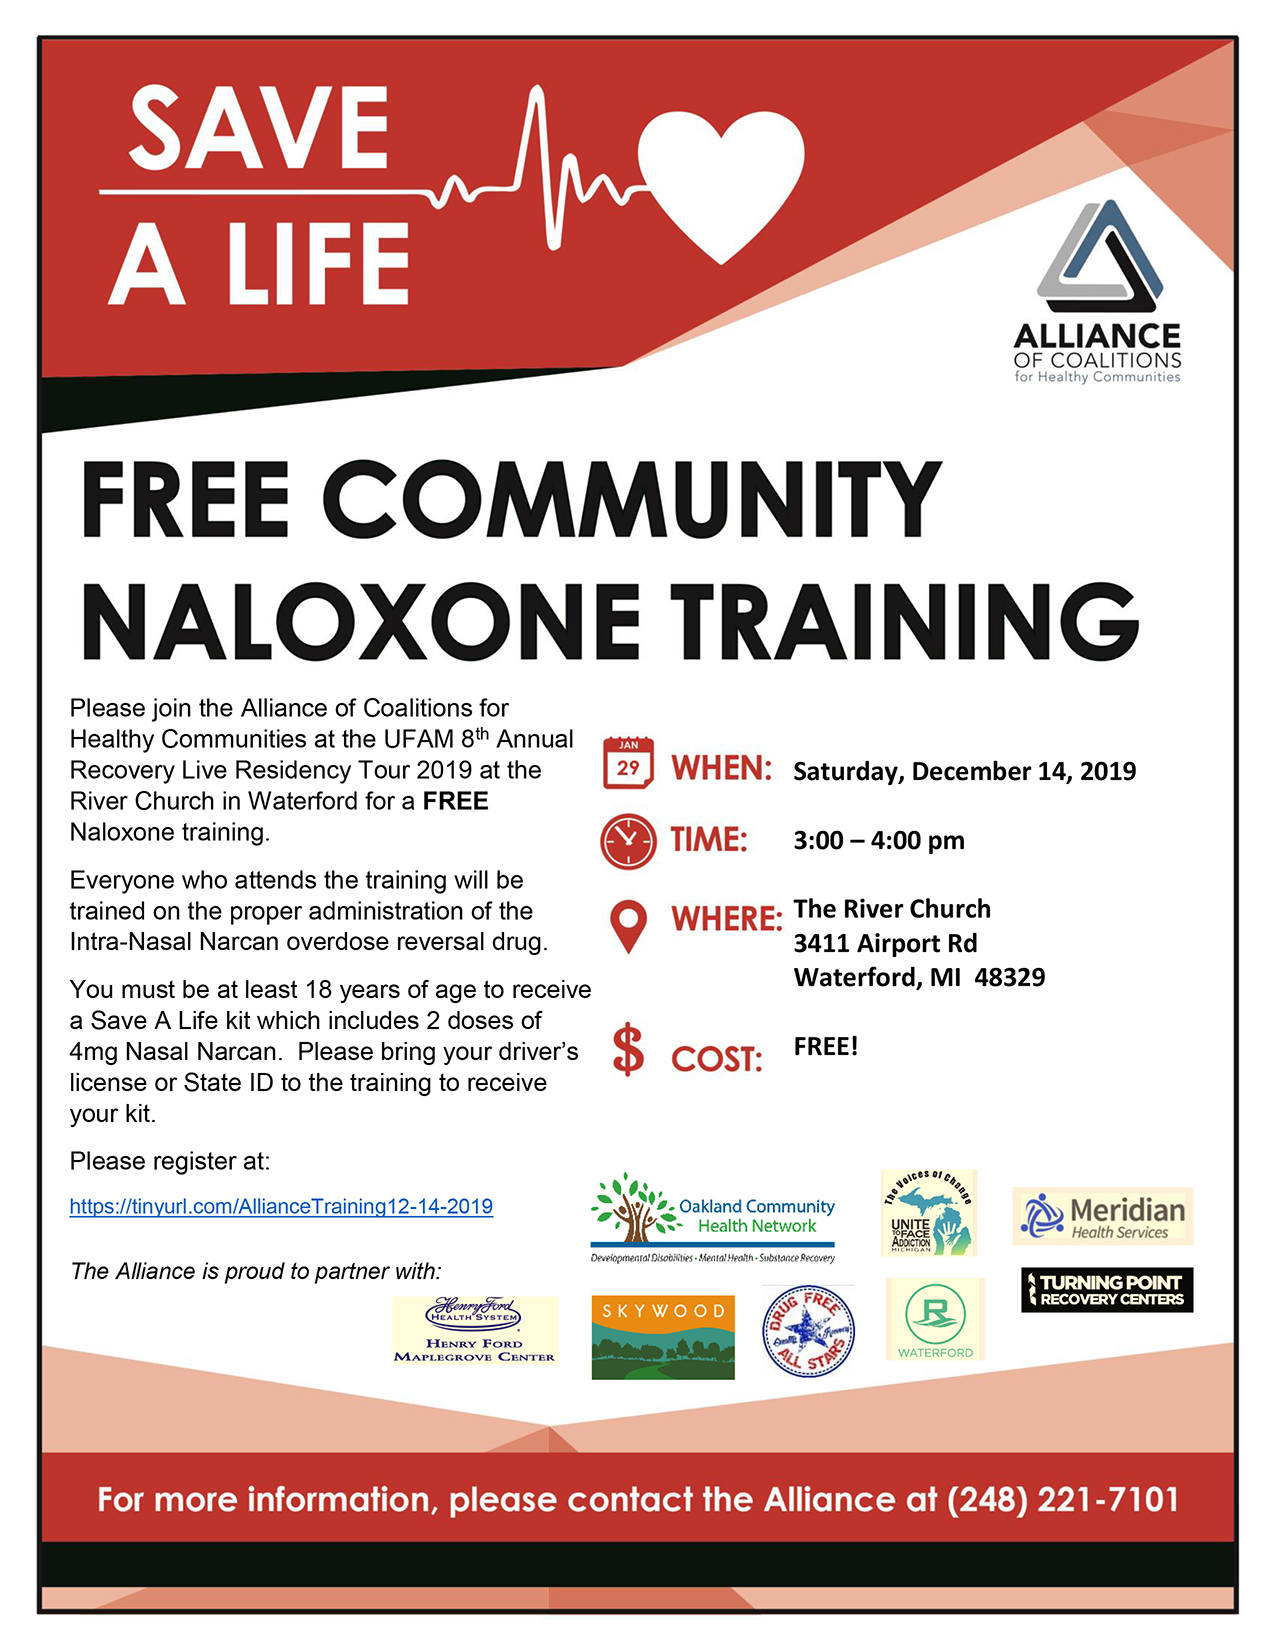 Naloxone Training Flyer - UFAM